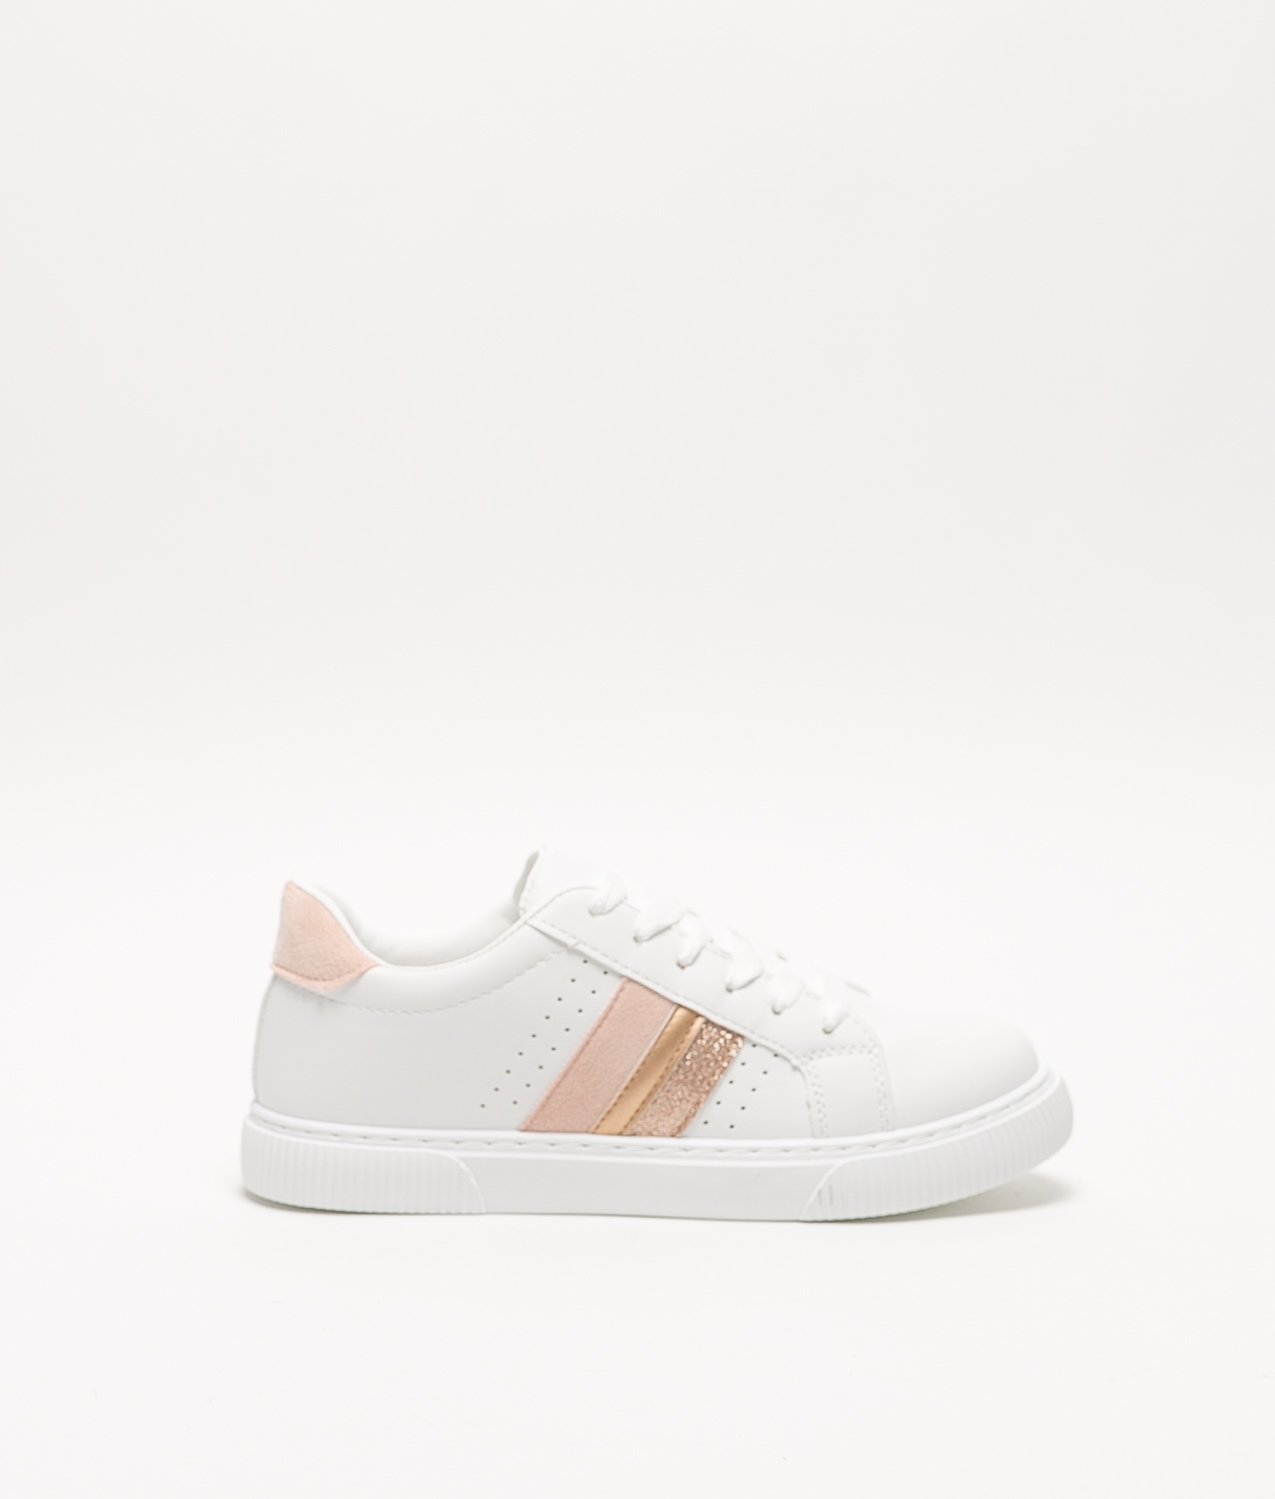 Sneakers BAREY - ROSA